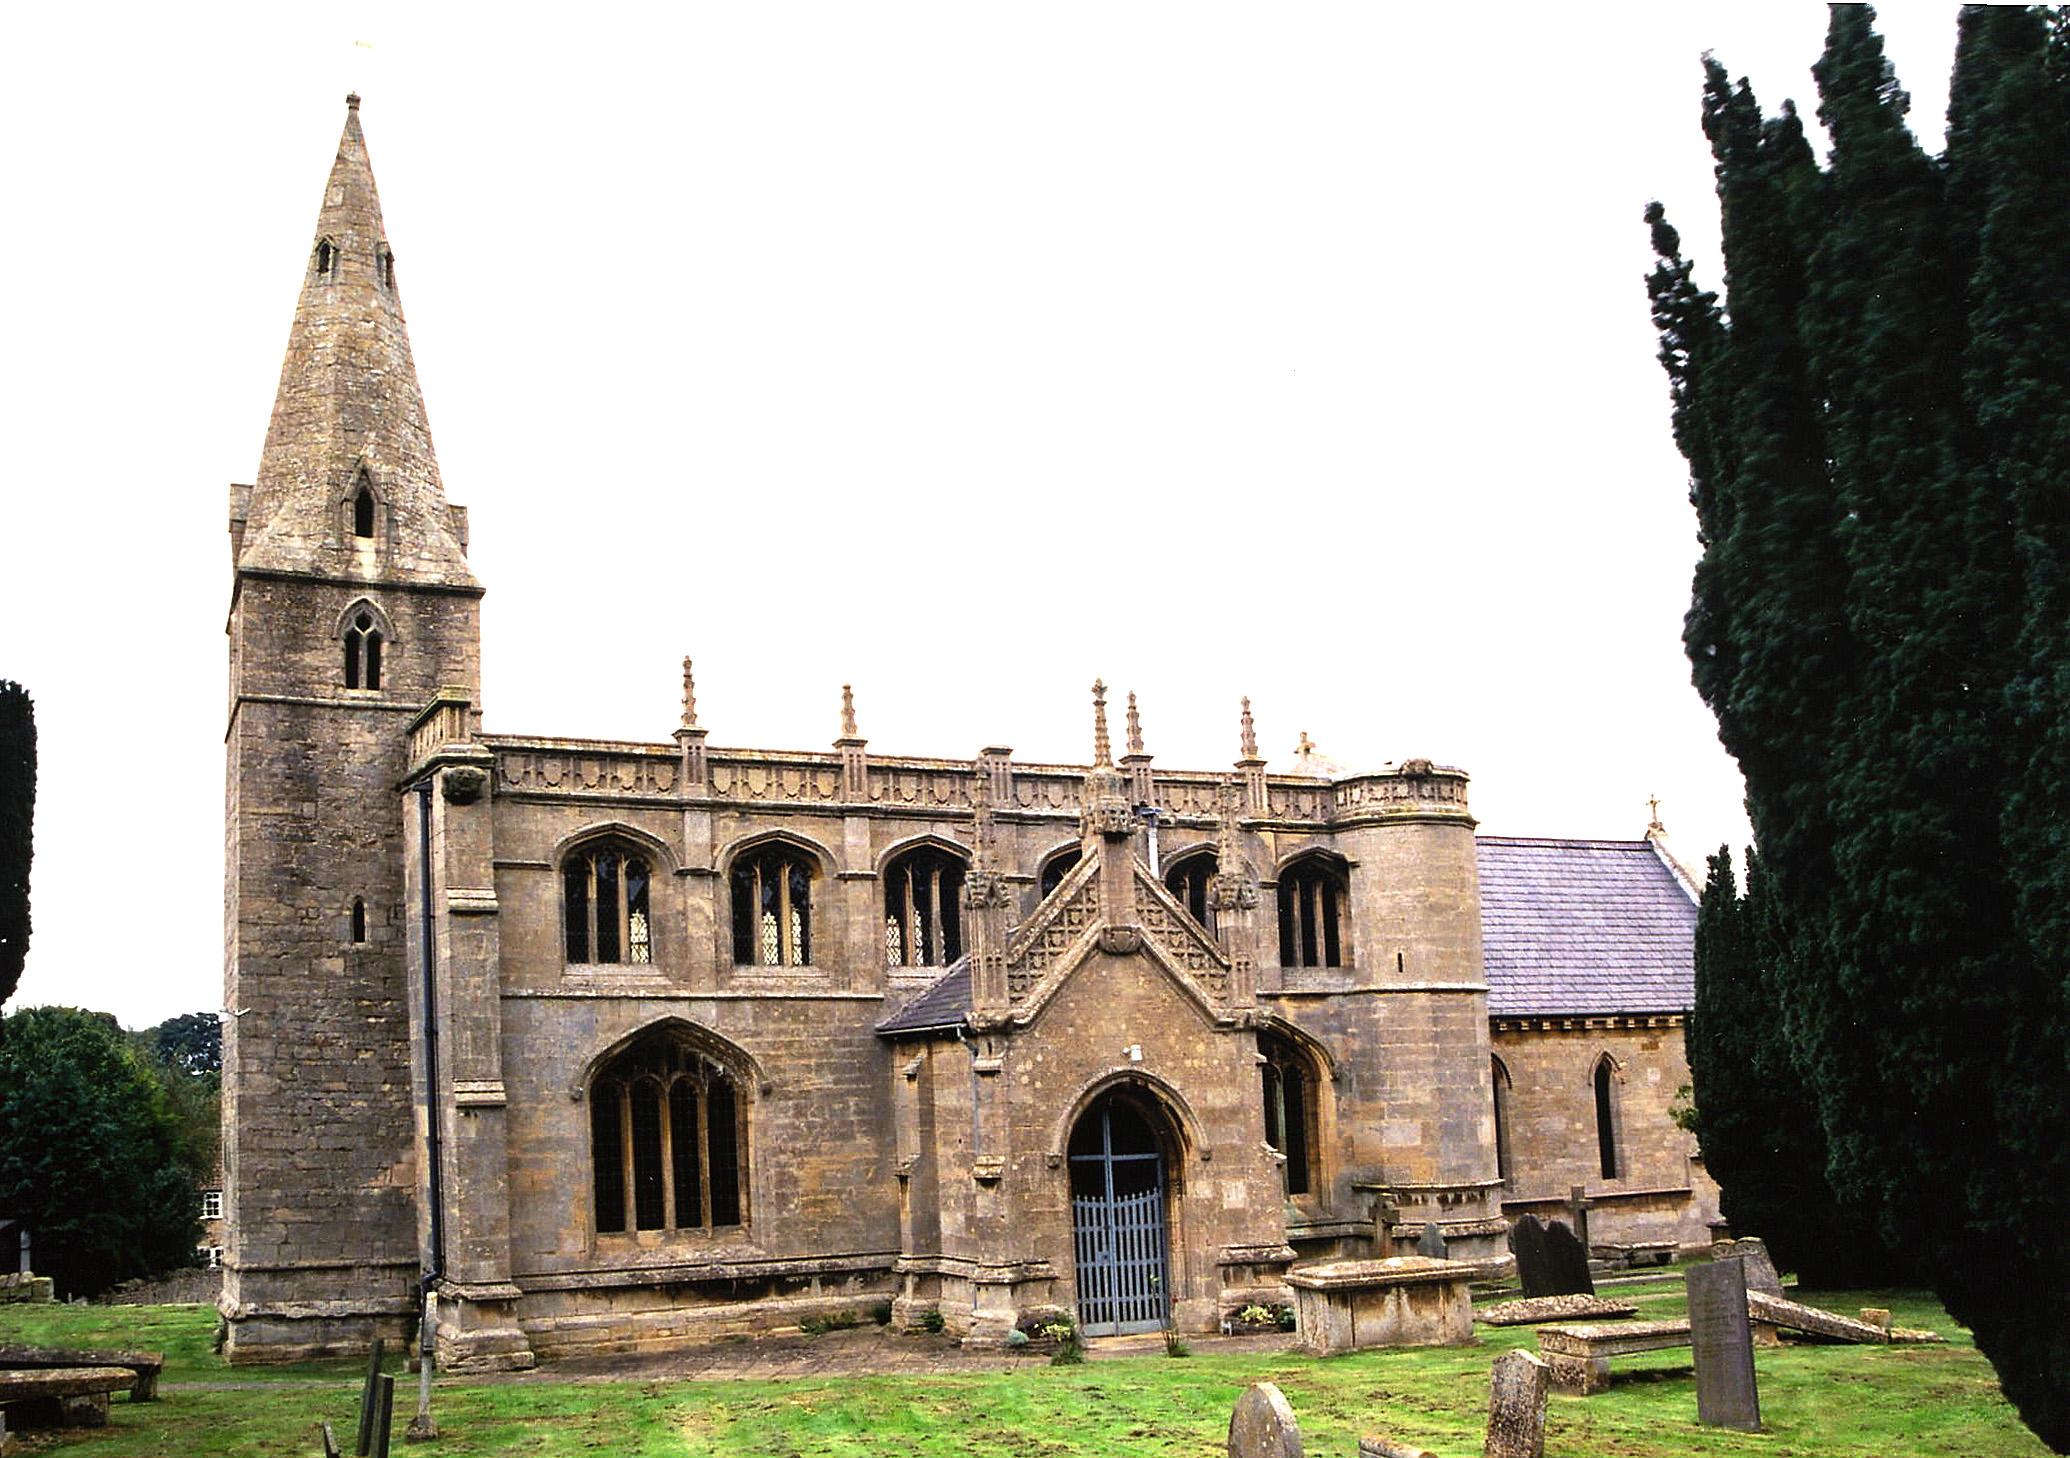 St. Bartolomew's Church